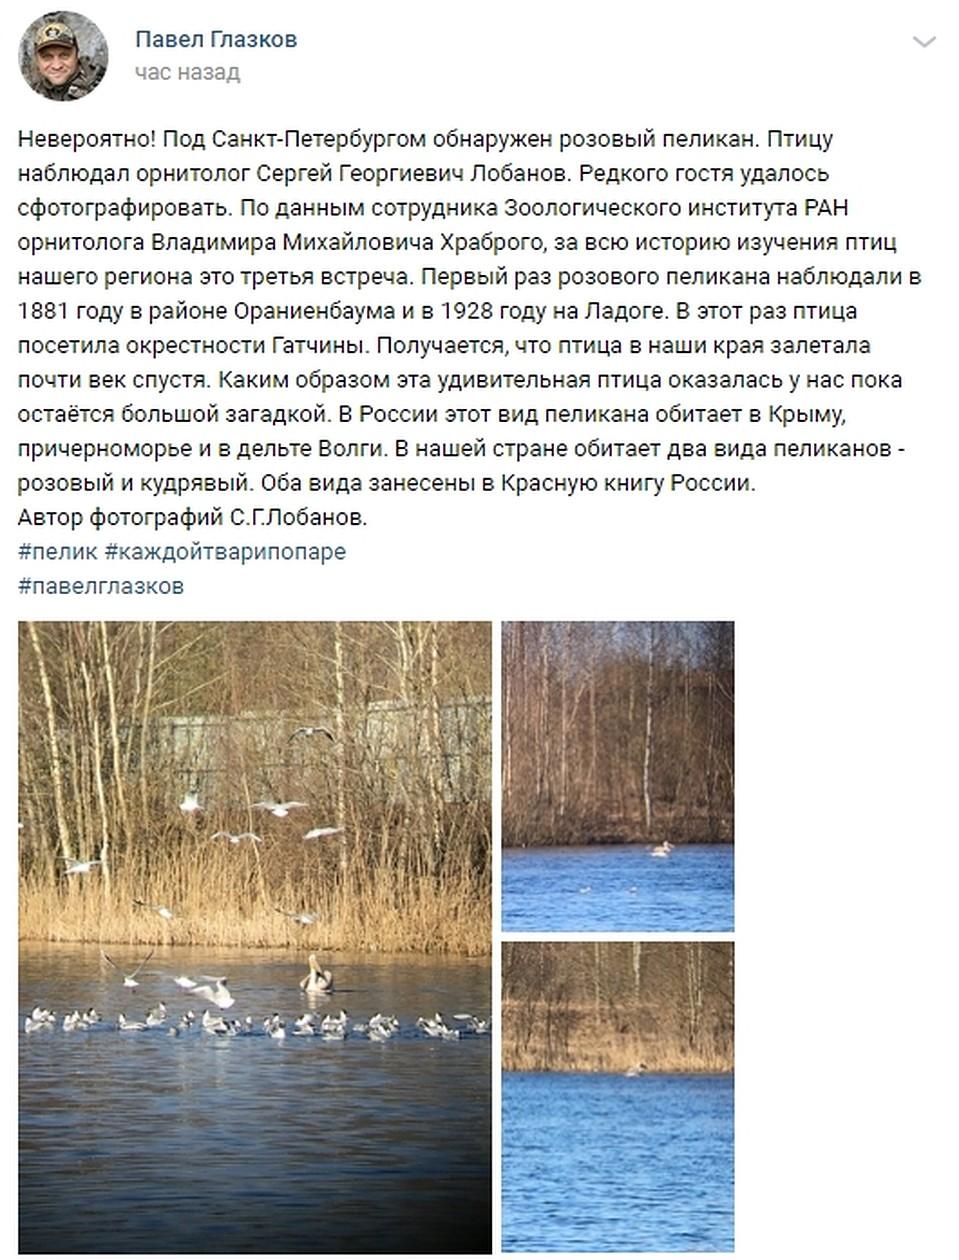 Обо всем рассказал биолог Павел Глазков. Фото: vk.com/id2730611